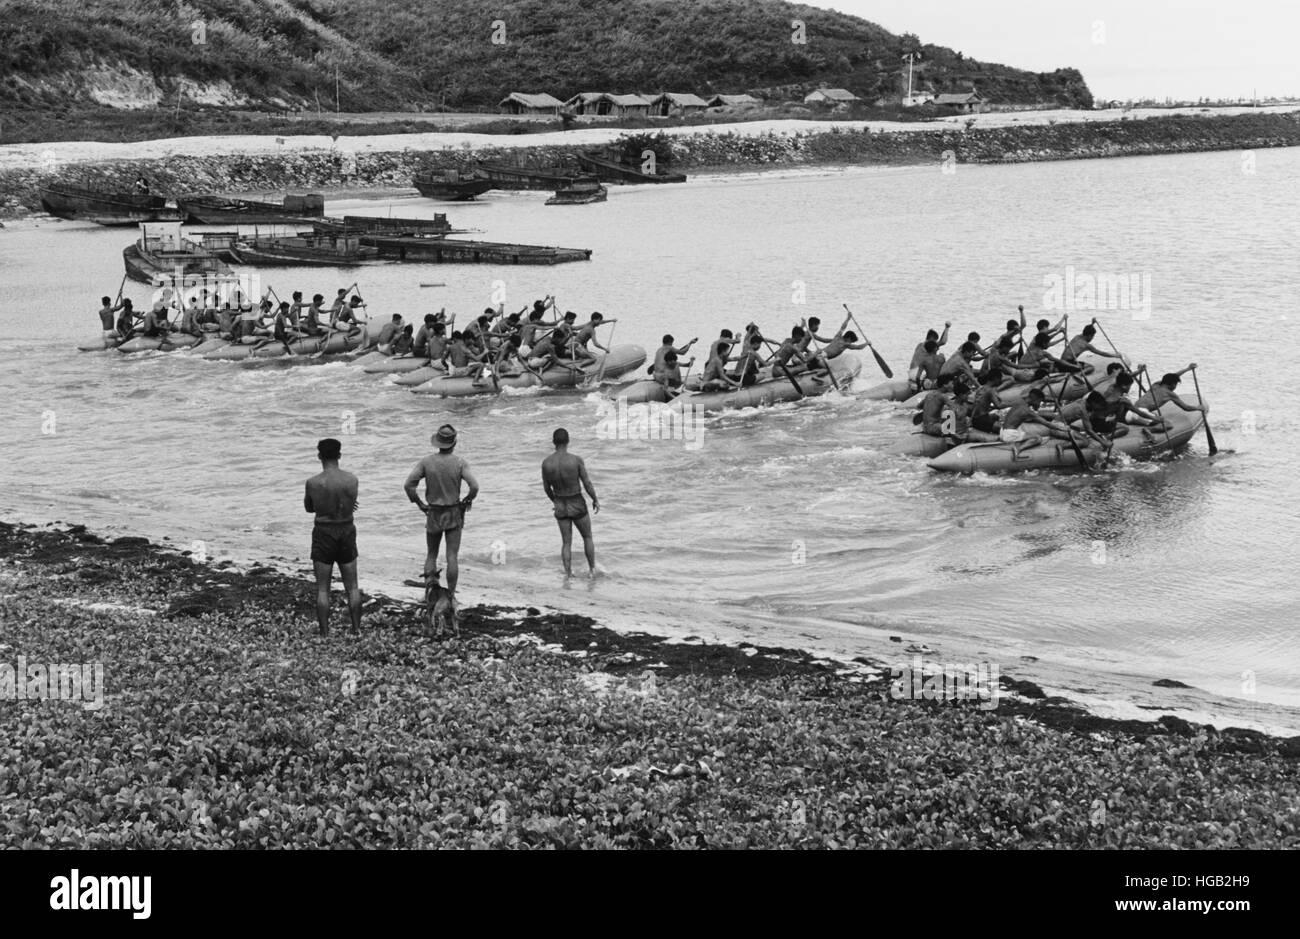 Vietnamesische Junk Kraft in einer Phase der Unterwasser Abbruch Ausbildung während des Vietnam-Krieges. Stockbild